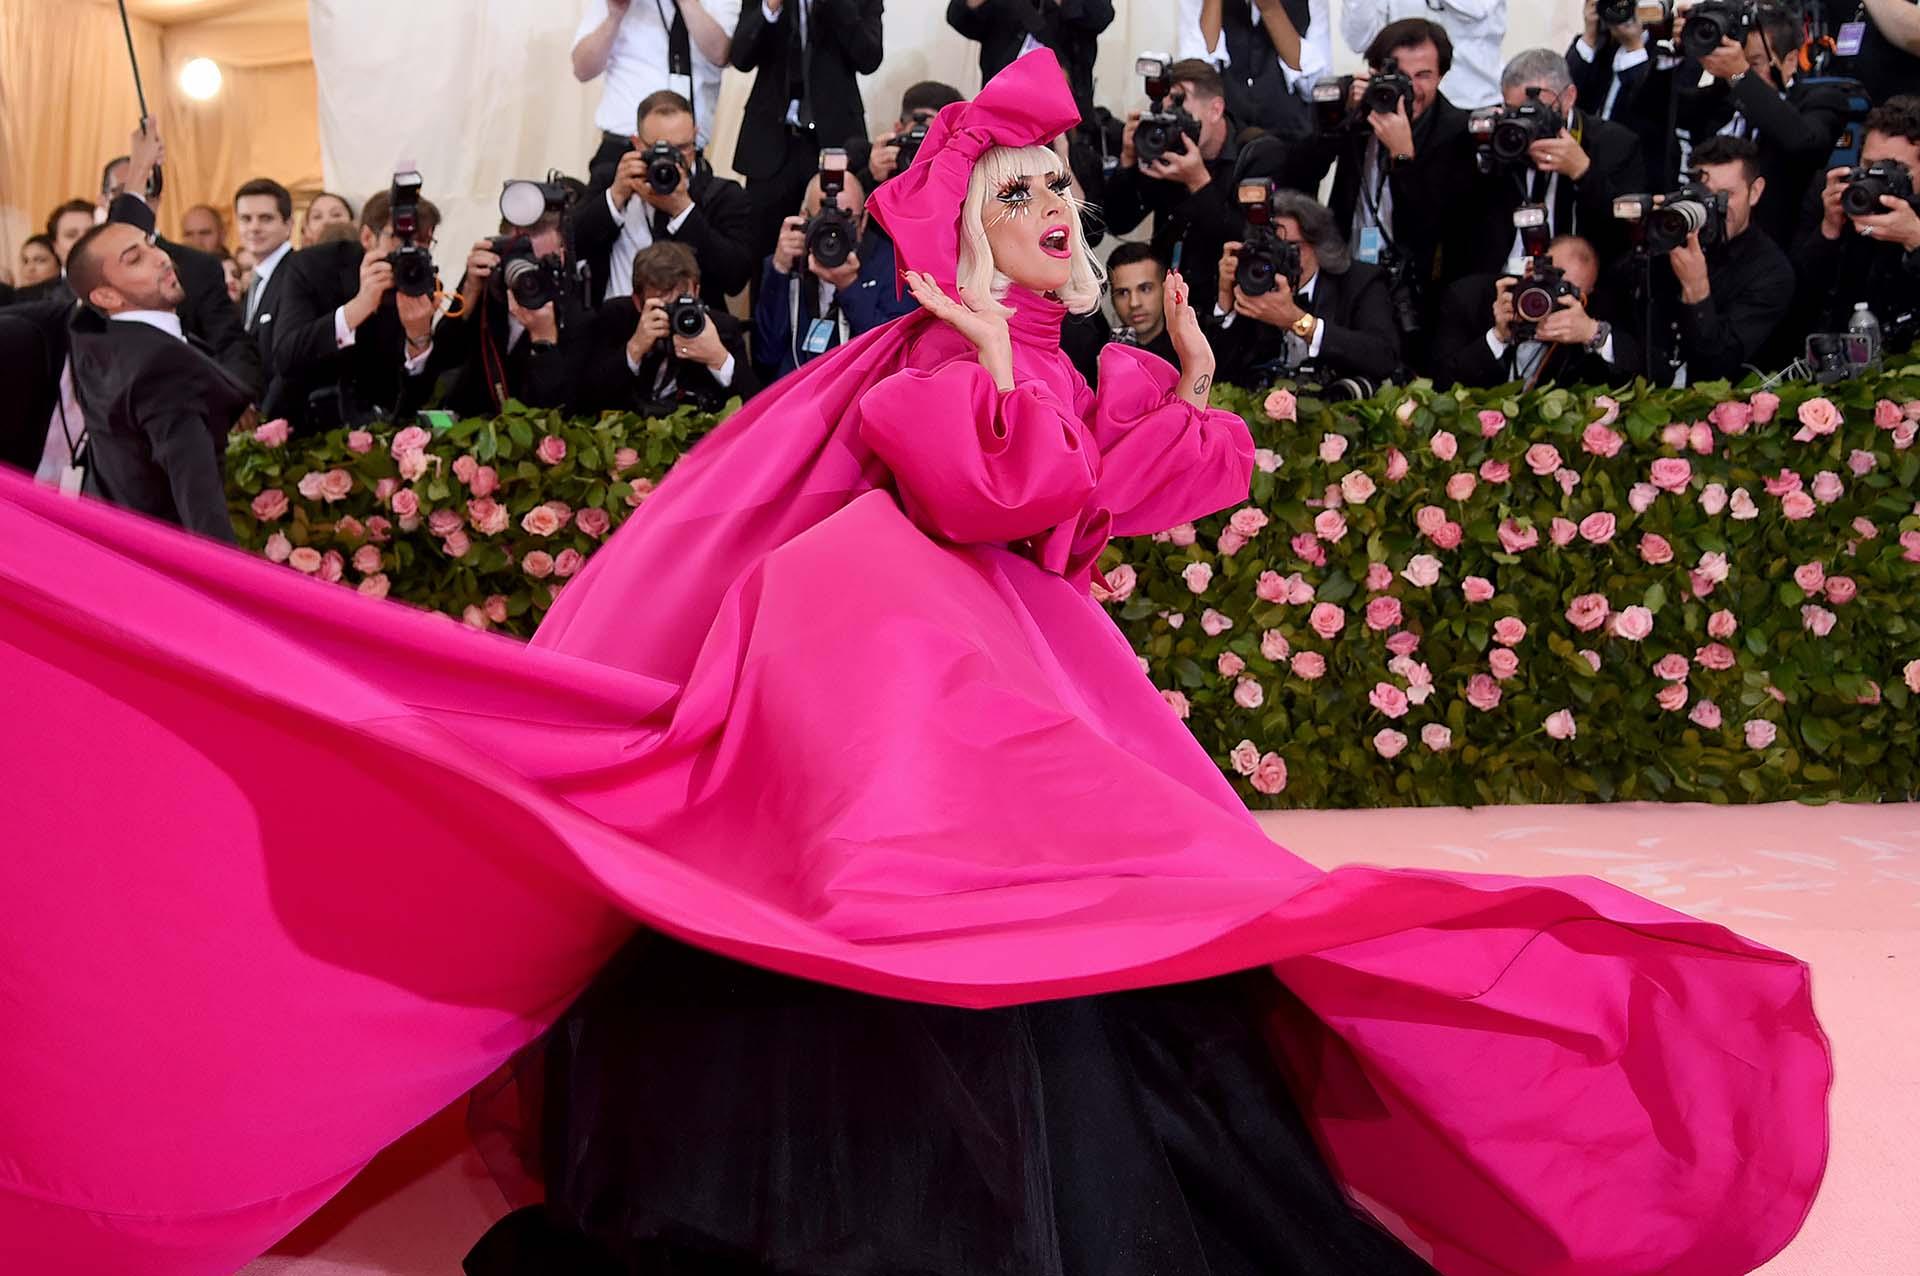 Lady Gaga es una oda al Camp. Así arribó a la alfombra rosa, con un diseño de Brandon Maxwell enfucsia neón, el primero de cuatro looks que lució la ganadora del Oscar. Fue acompañada por cinco bailarines y realizó una performance que dio inicio a la pink carpet